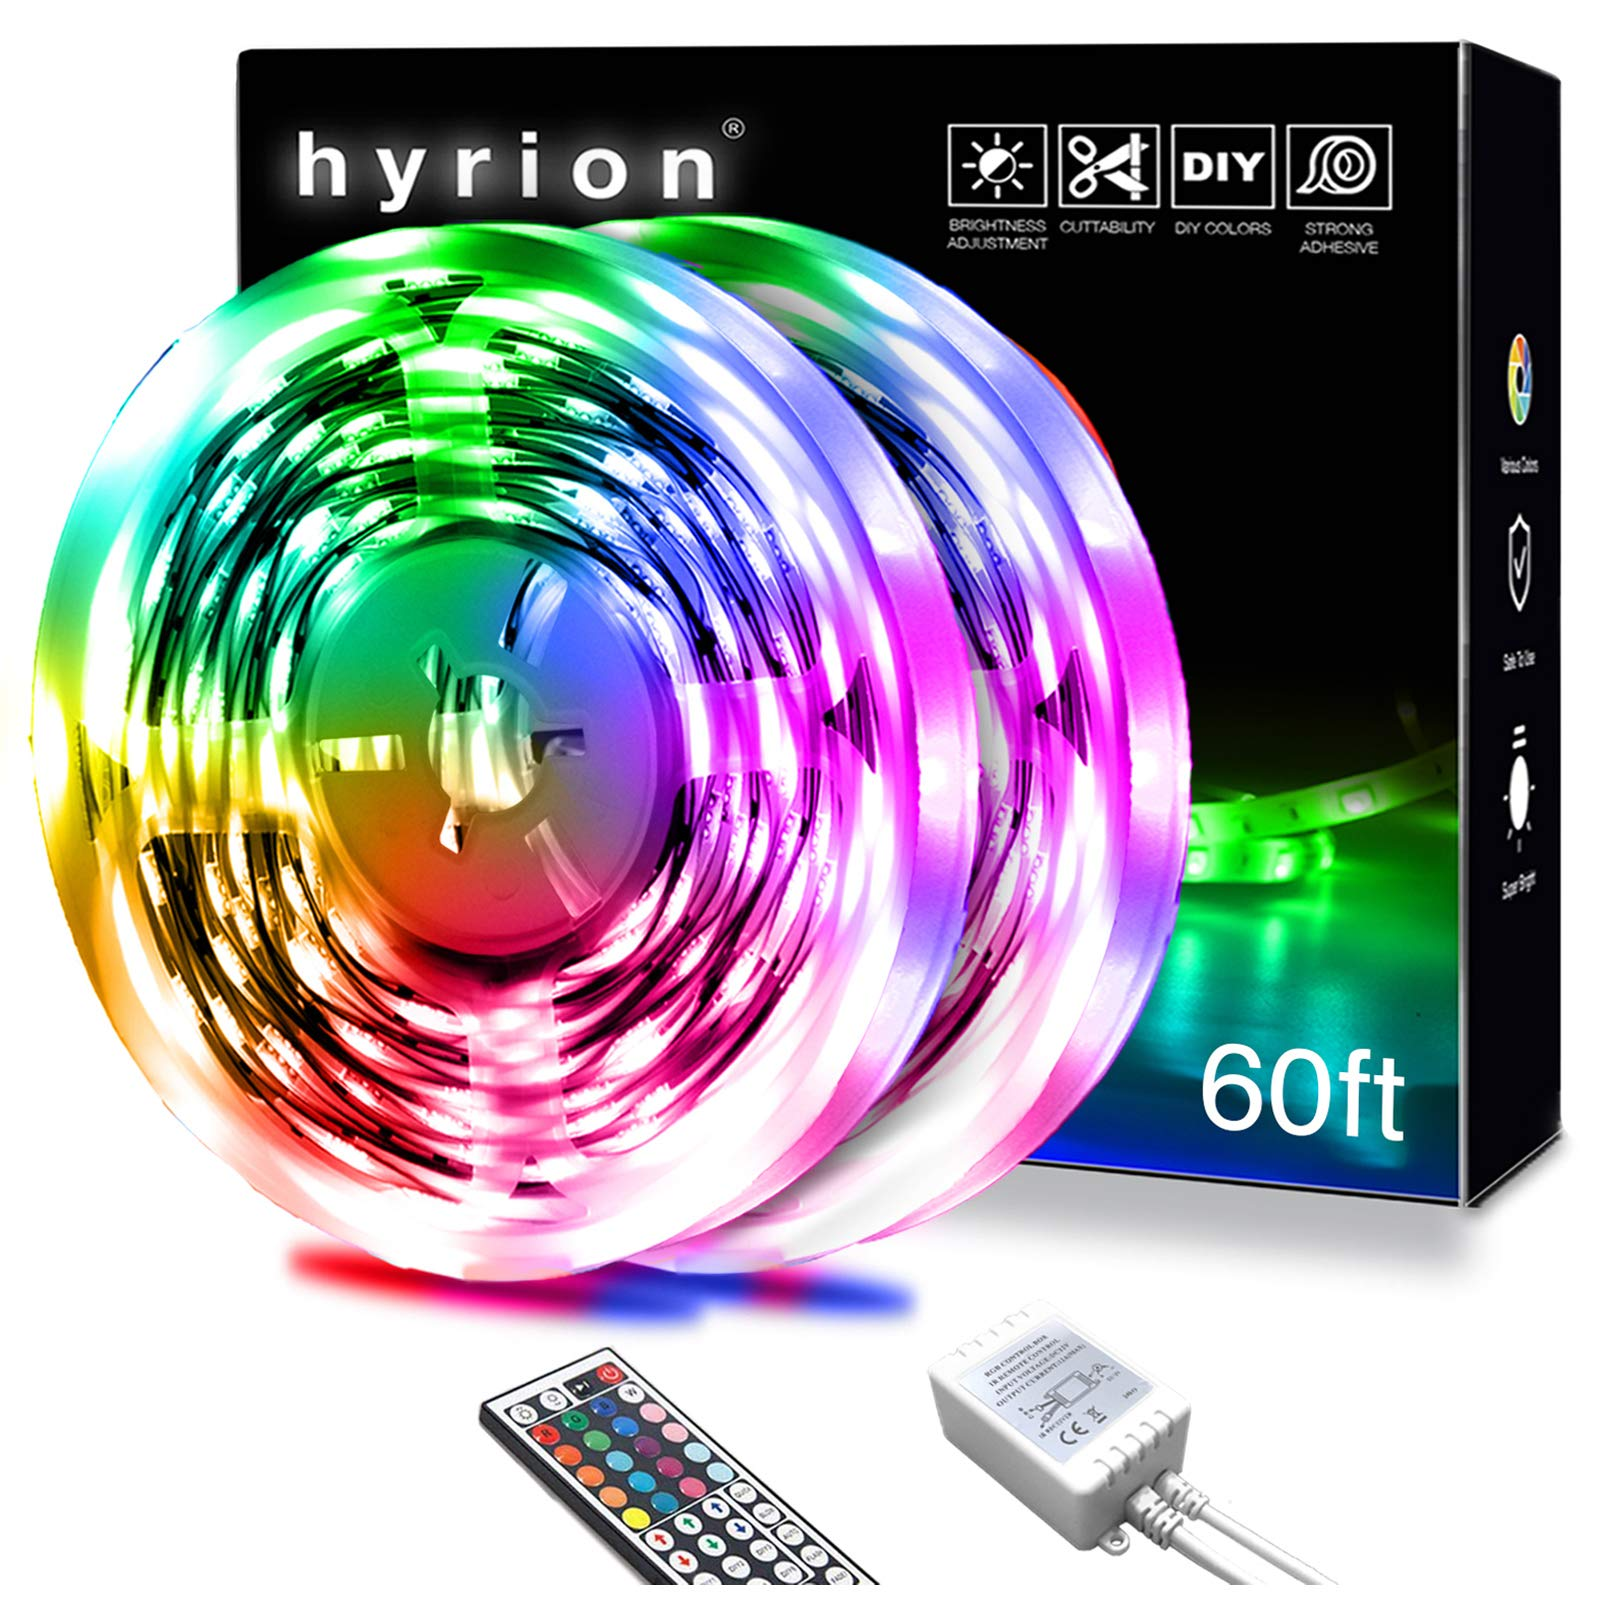 60 ft Led Strip Lights,Hyrion Ultra Long SMD 5050 Led Lights Strip with 44 Key Remote,12 Volt Dimmable RGB Color Changing Led Lights for Bedroom,Living Room,Kitchen,Home Decor(44 Key Remote+30ft2)